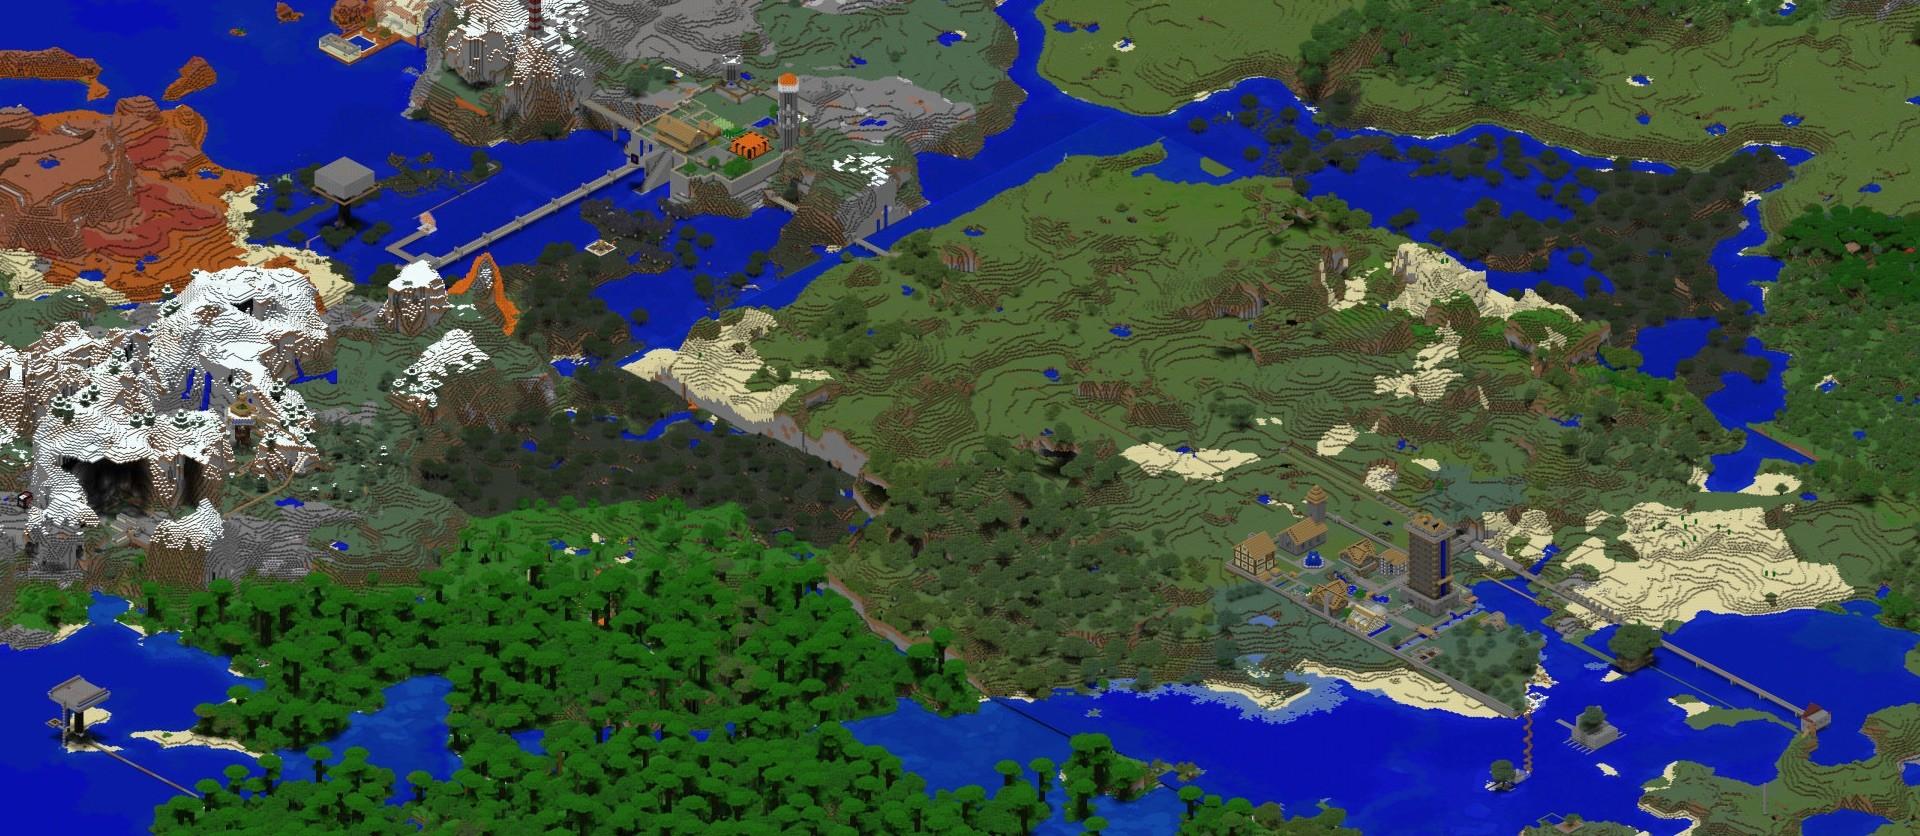 Minecraft Karte.Anleitung Minecraft 1 14 4 Server Auf Dem Raspberry Pi 4 Marctv